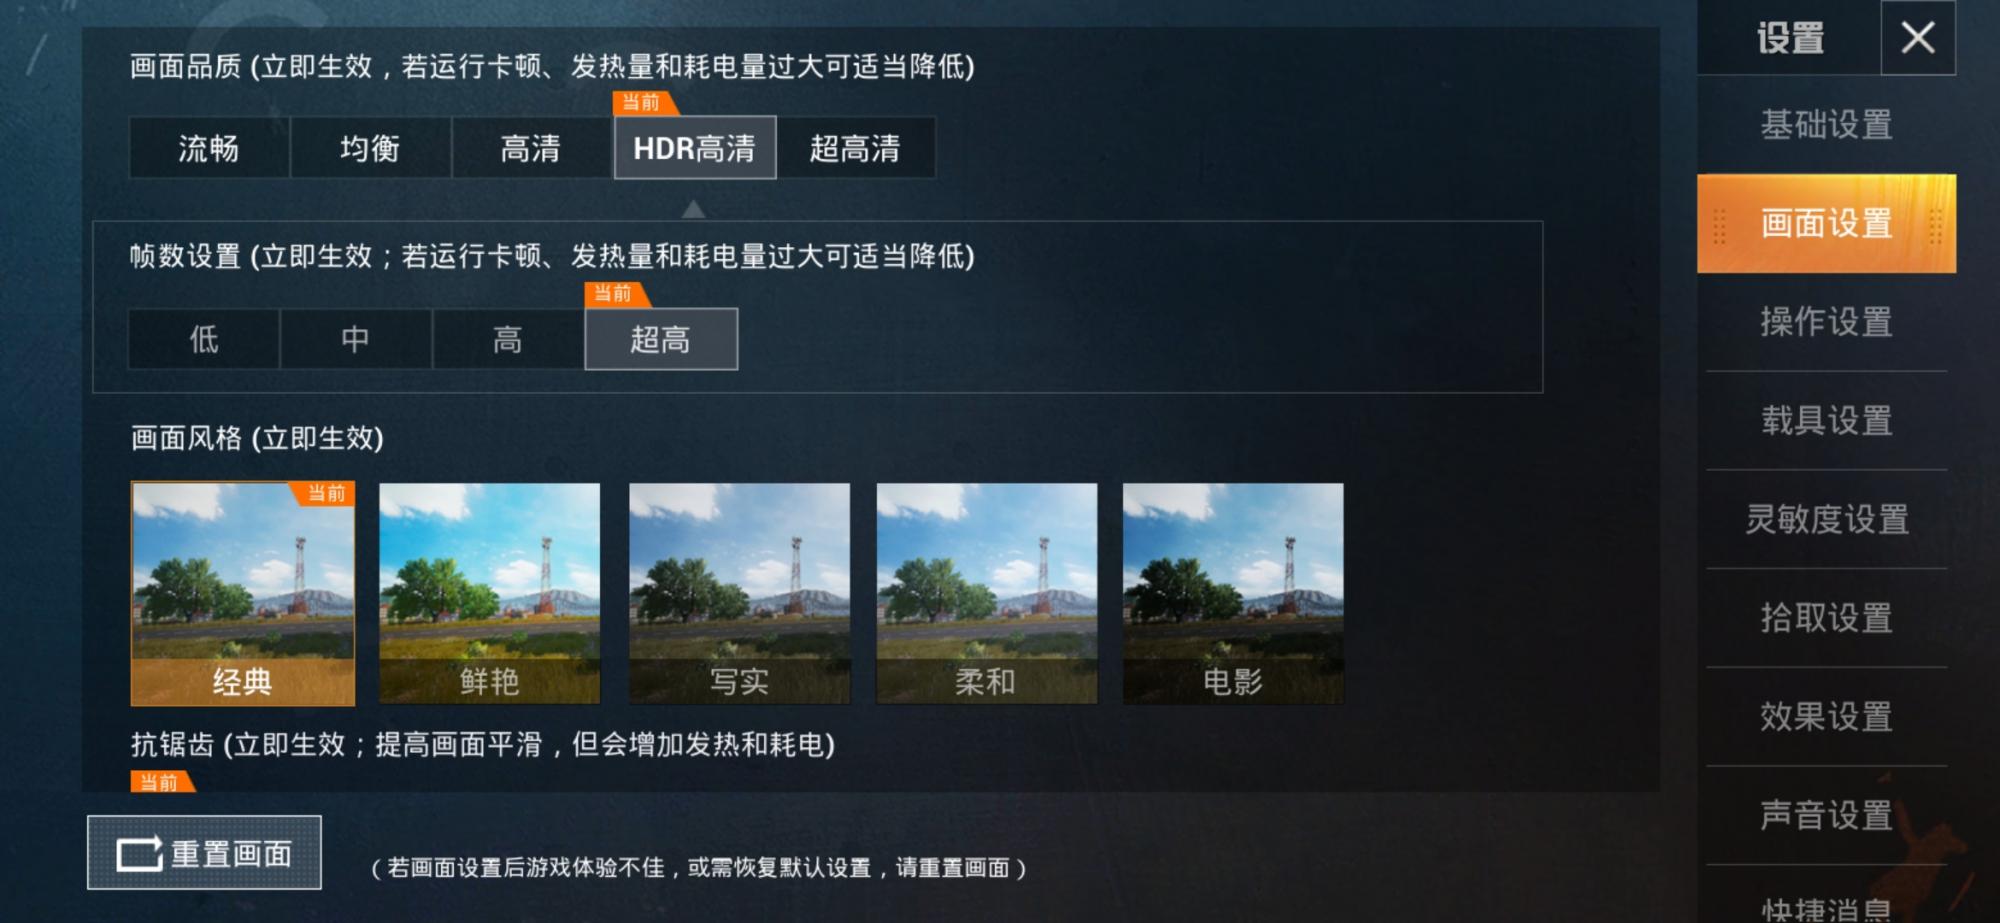 Screenshot_20190524_213702_com.tencent.tmgp.pubgm.jpg